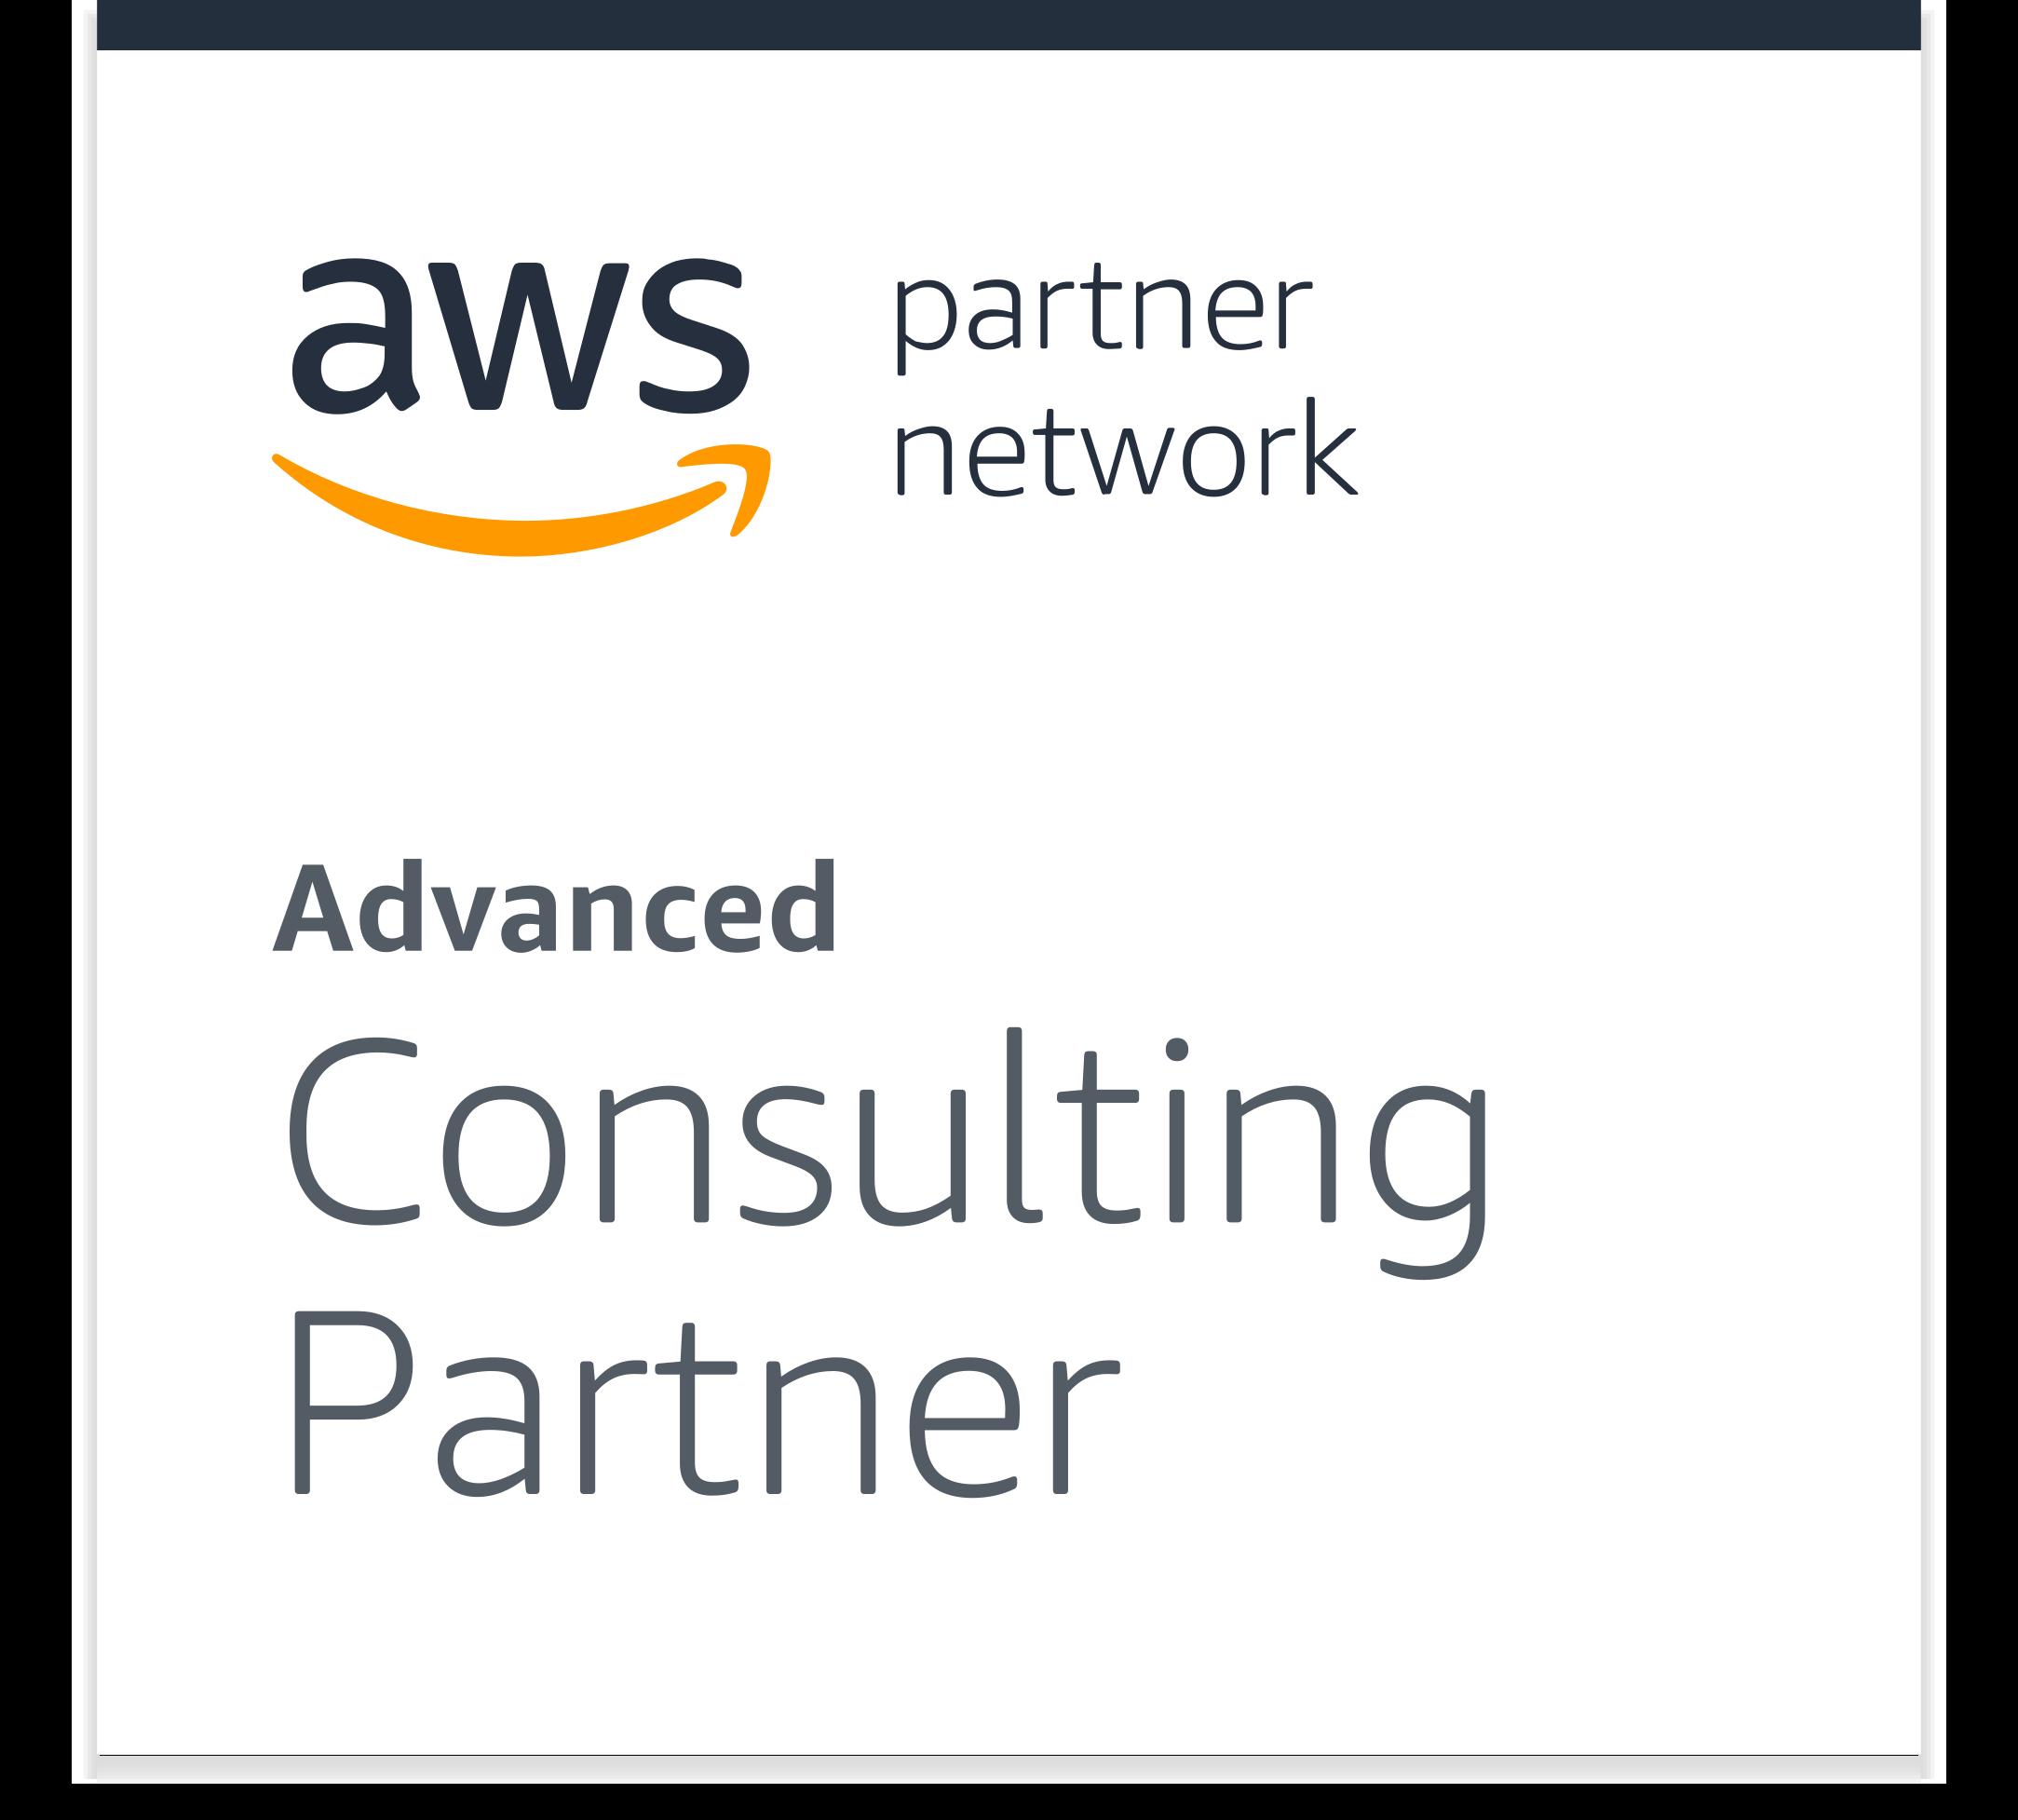 株式会社MMMはAWS APN アドバンスドコンサルティングパートナーに認定されました